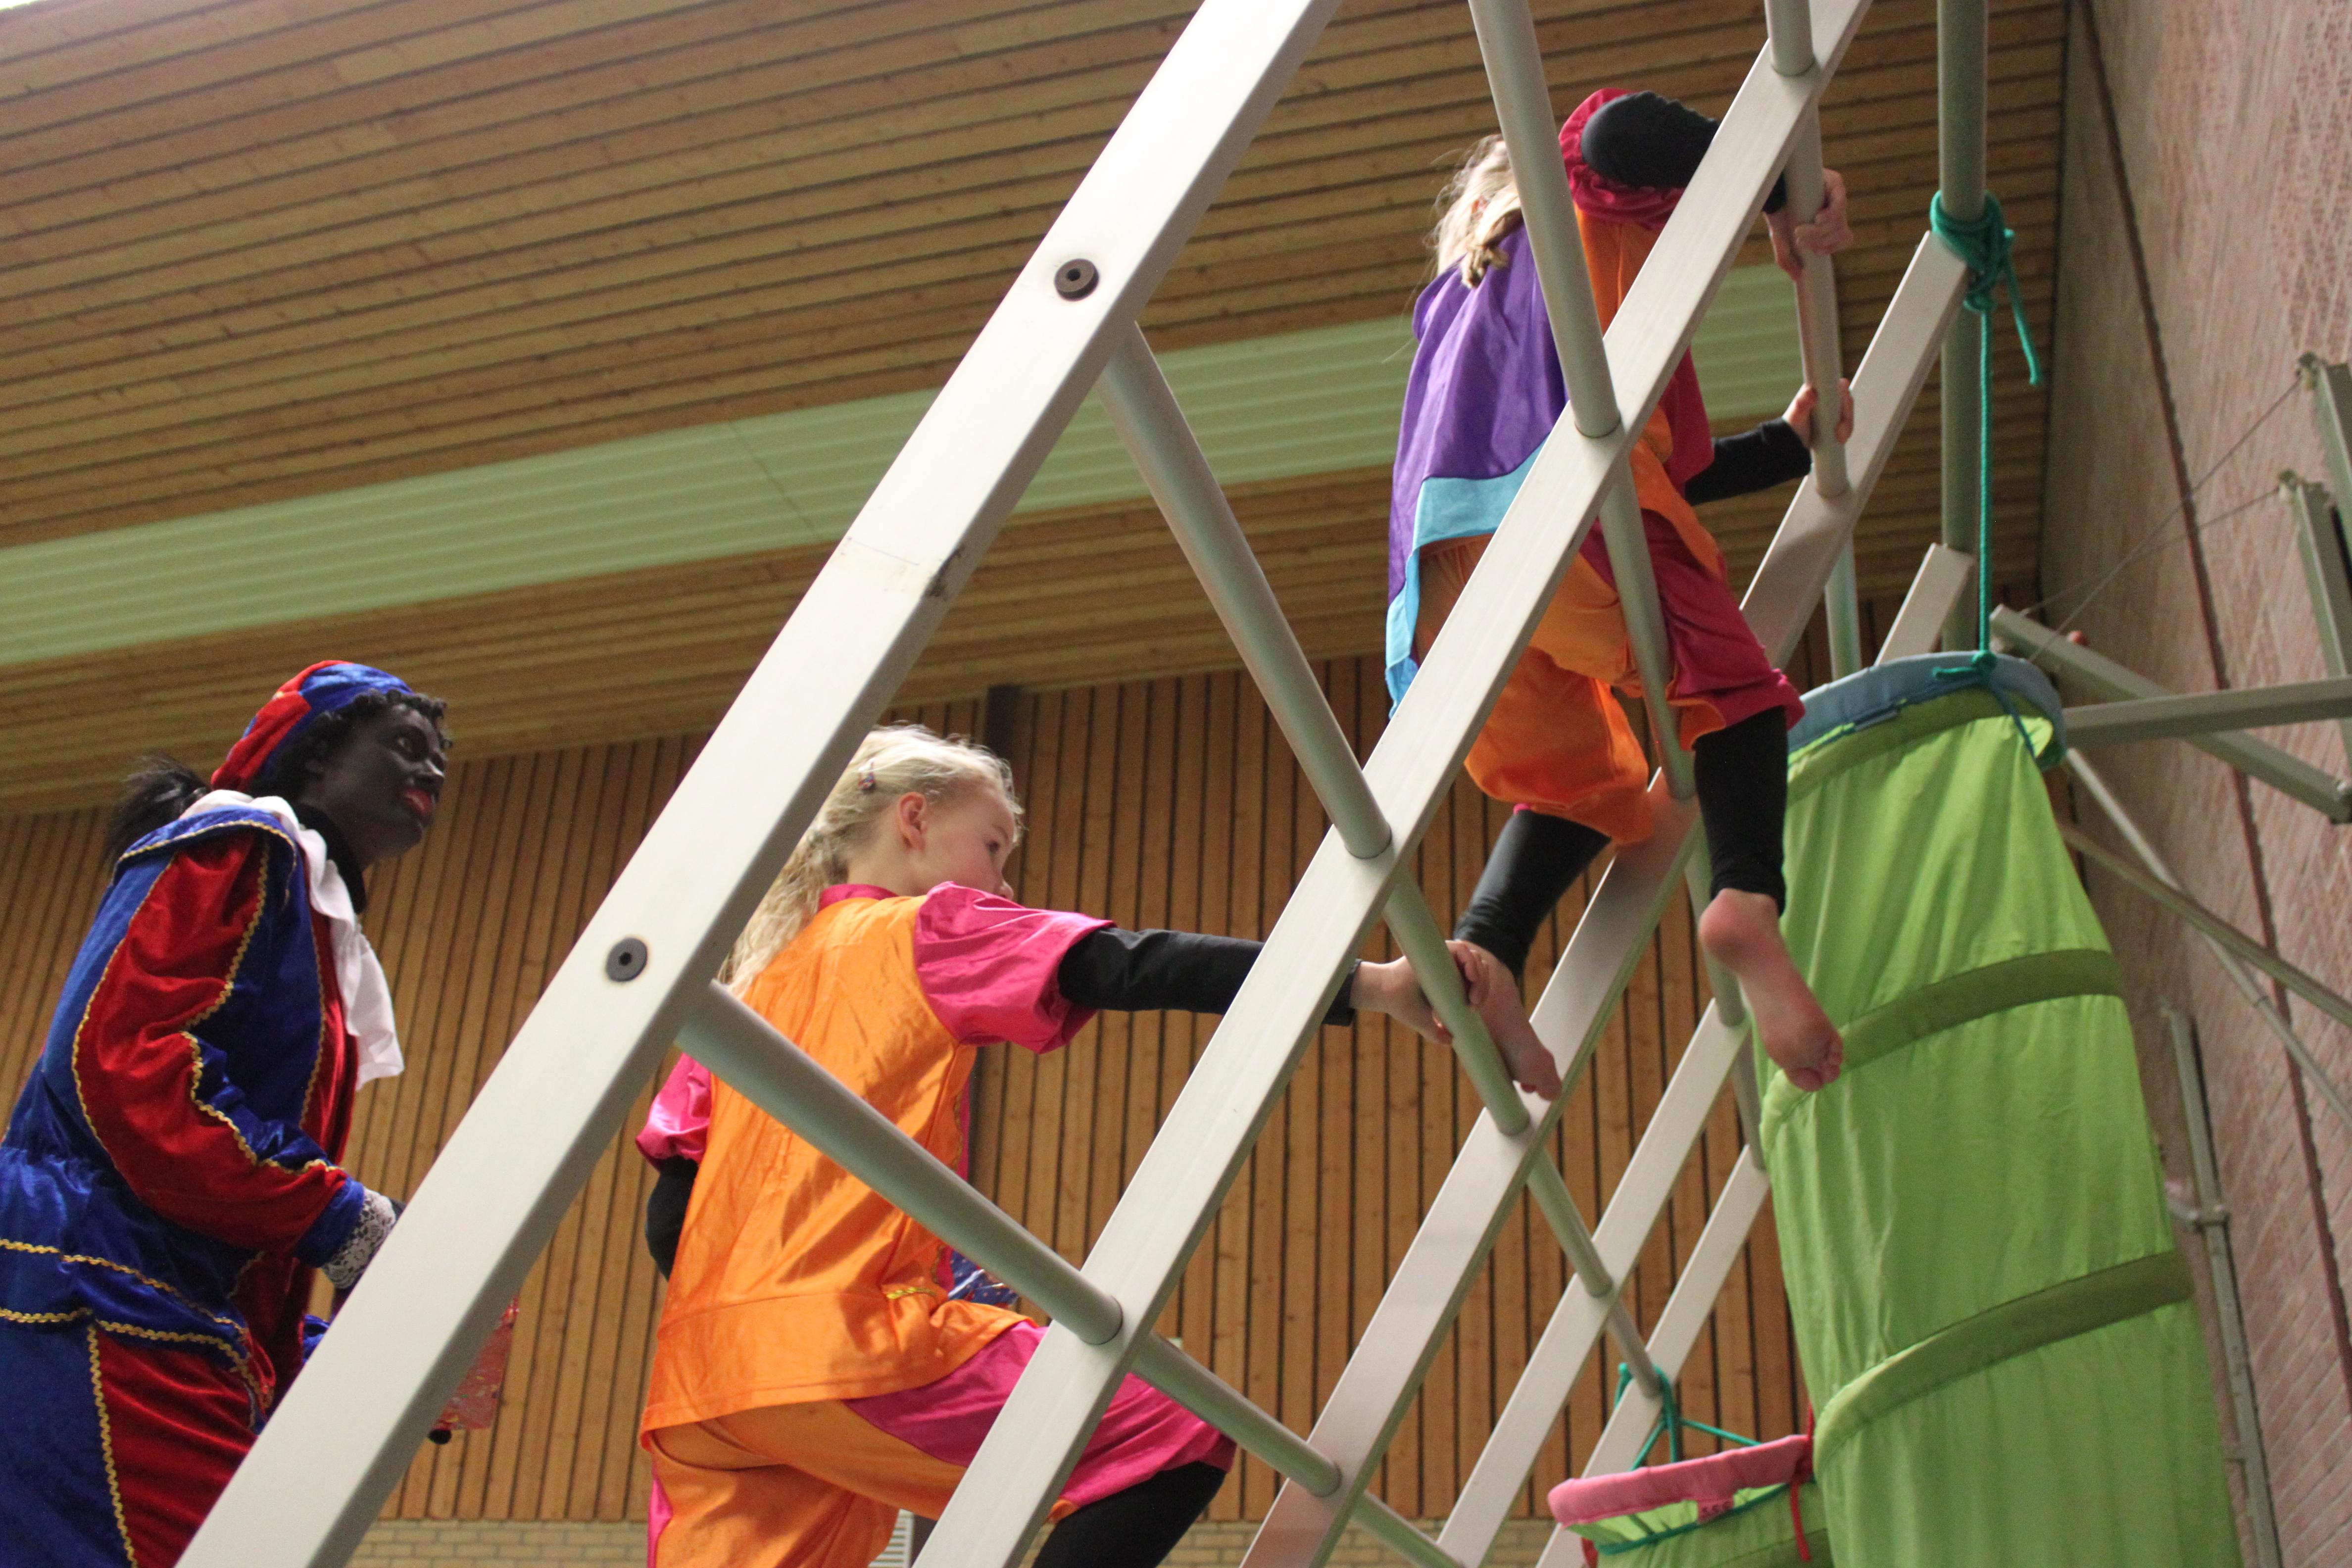 Pieteninstuif wordt georganiseerd door Sportservice Schagen. (Foto: aangeleverd)